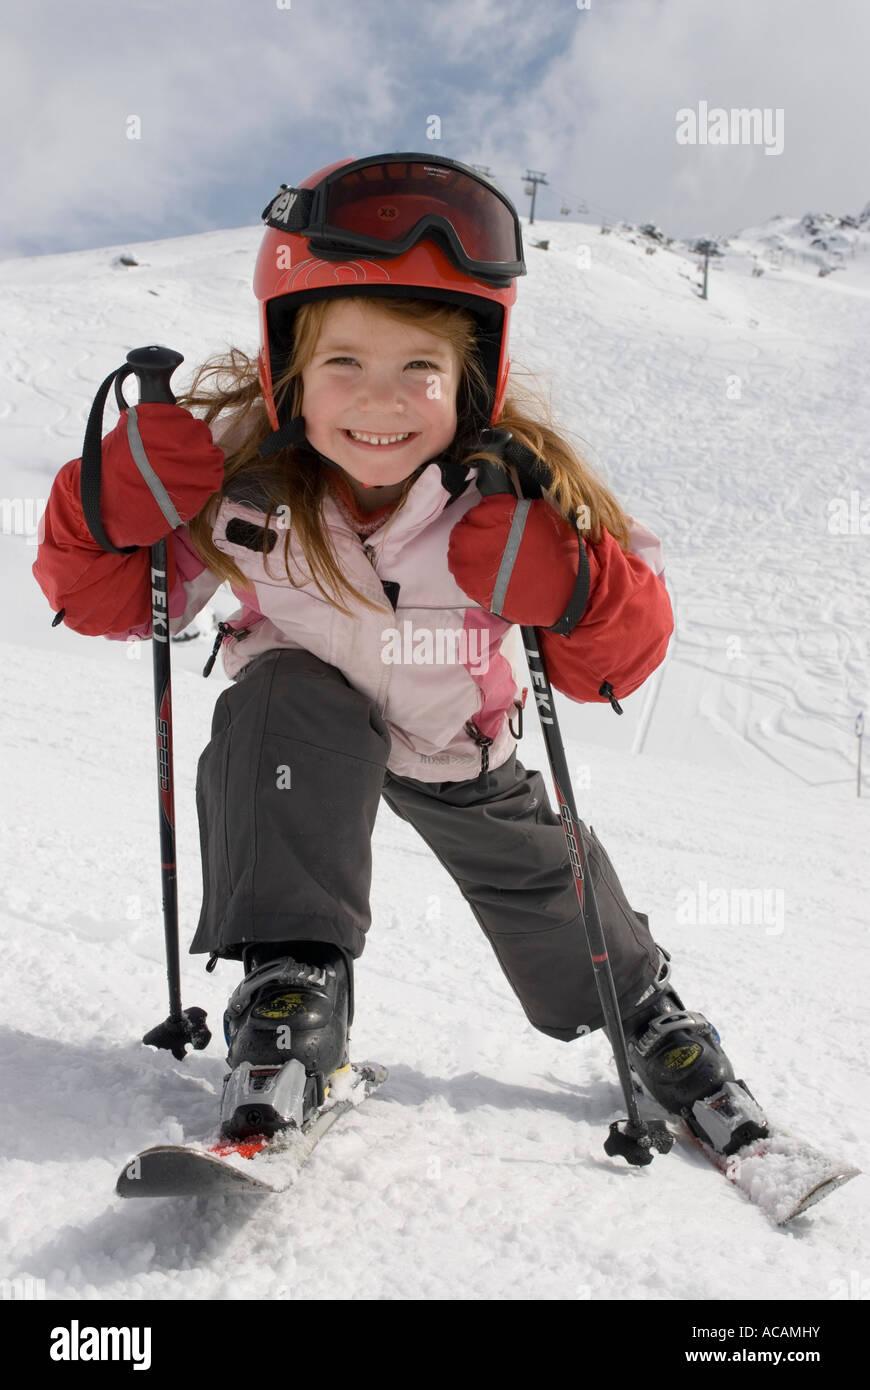 Girl with helmet skiing - Stock Image